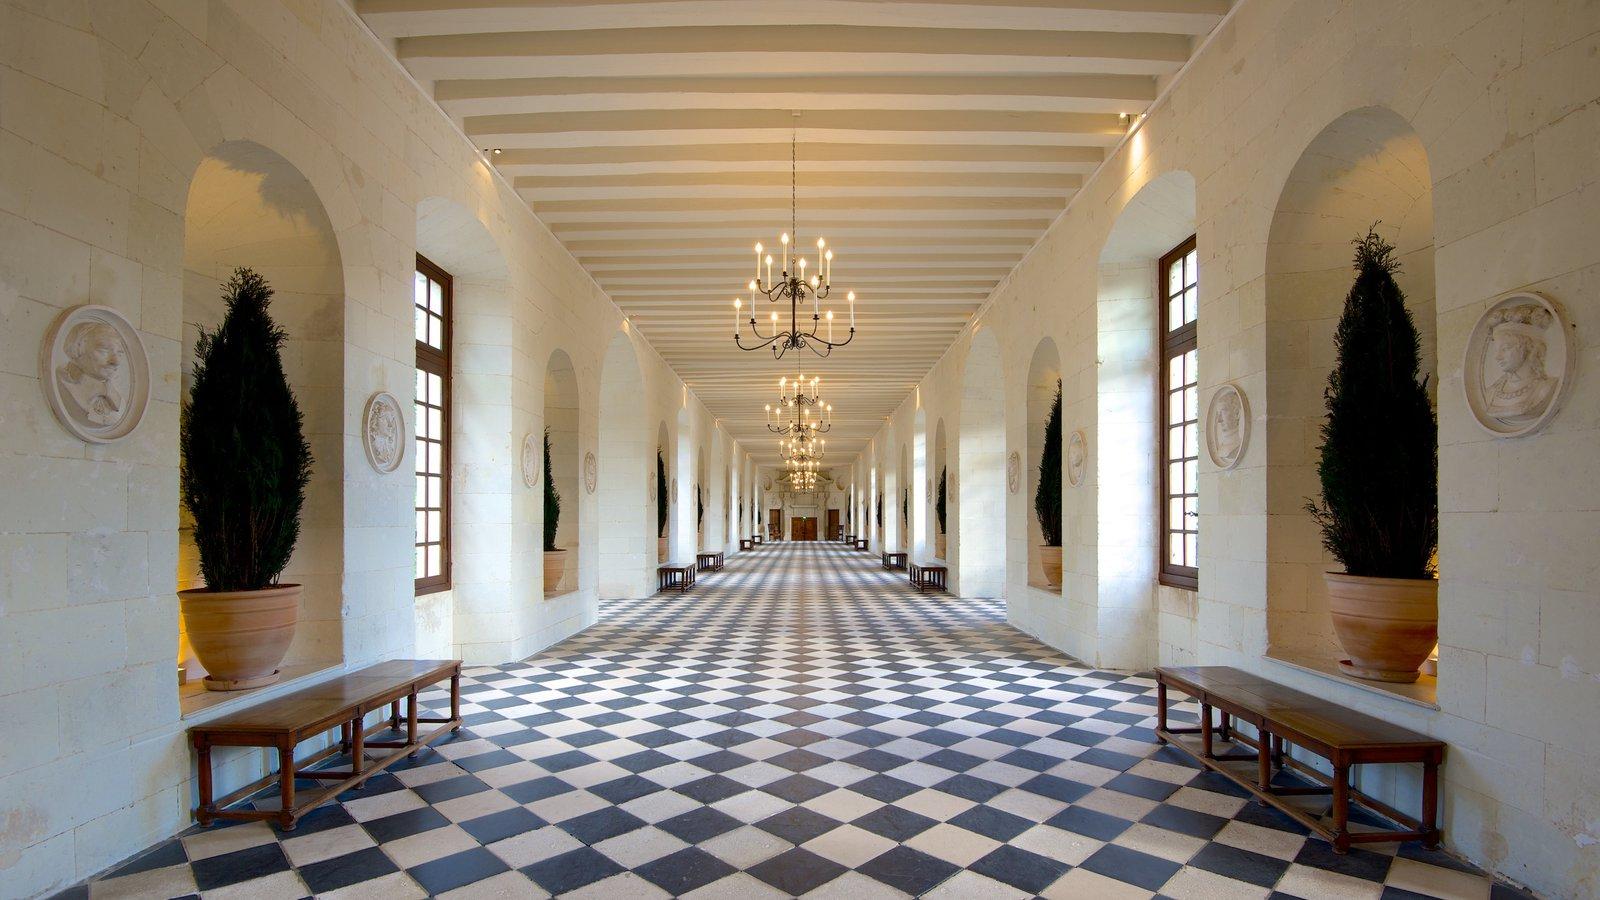 Castles & Palaces Pictures: View Images of Chateau de Chenonceau